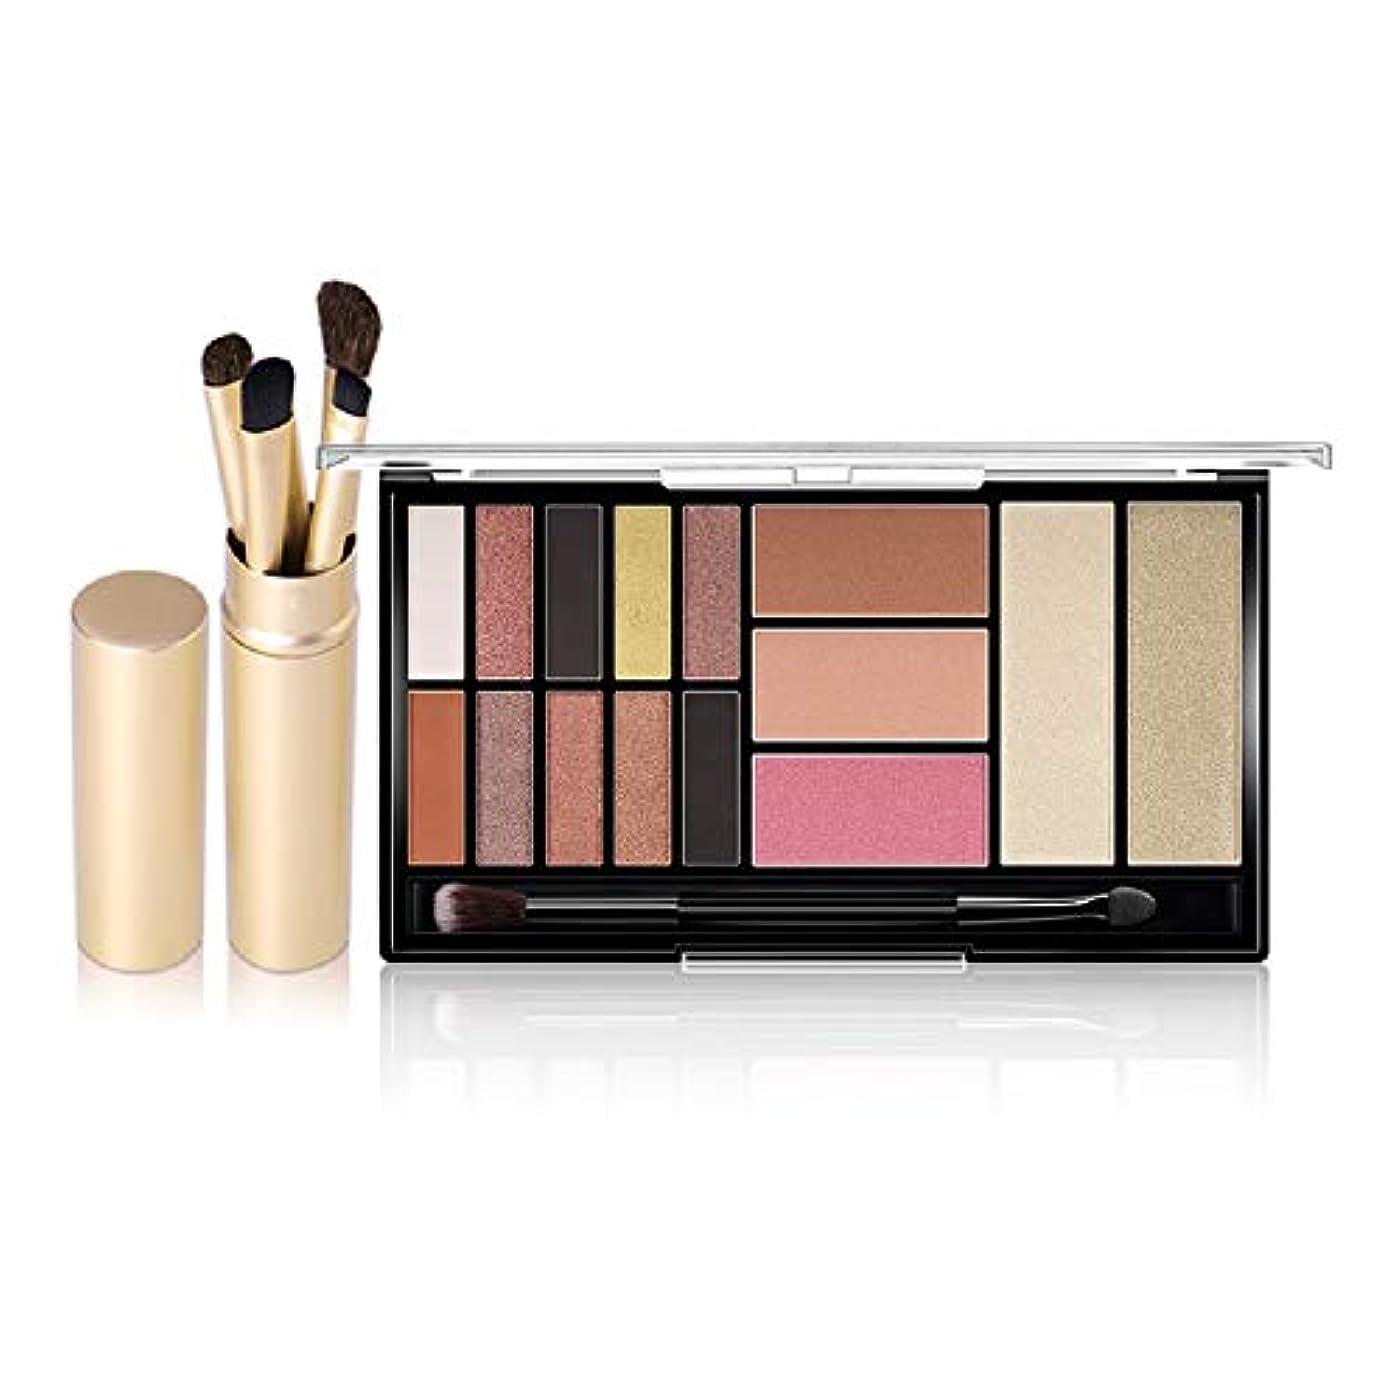 最も早いベンチャー吸収剤New Arrival Palette Eyeshadow Highlighter Glitter Cheek Blush Contour Matte Smoky Eye Shadow Palette 15 Shades...